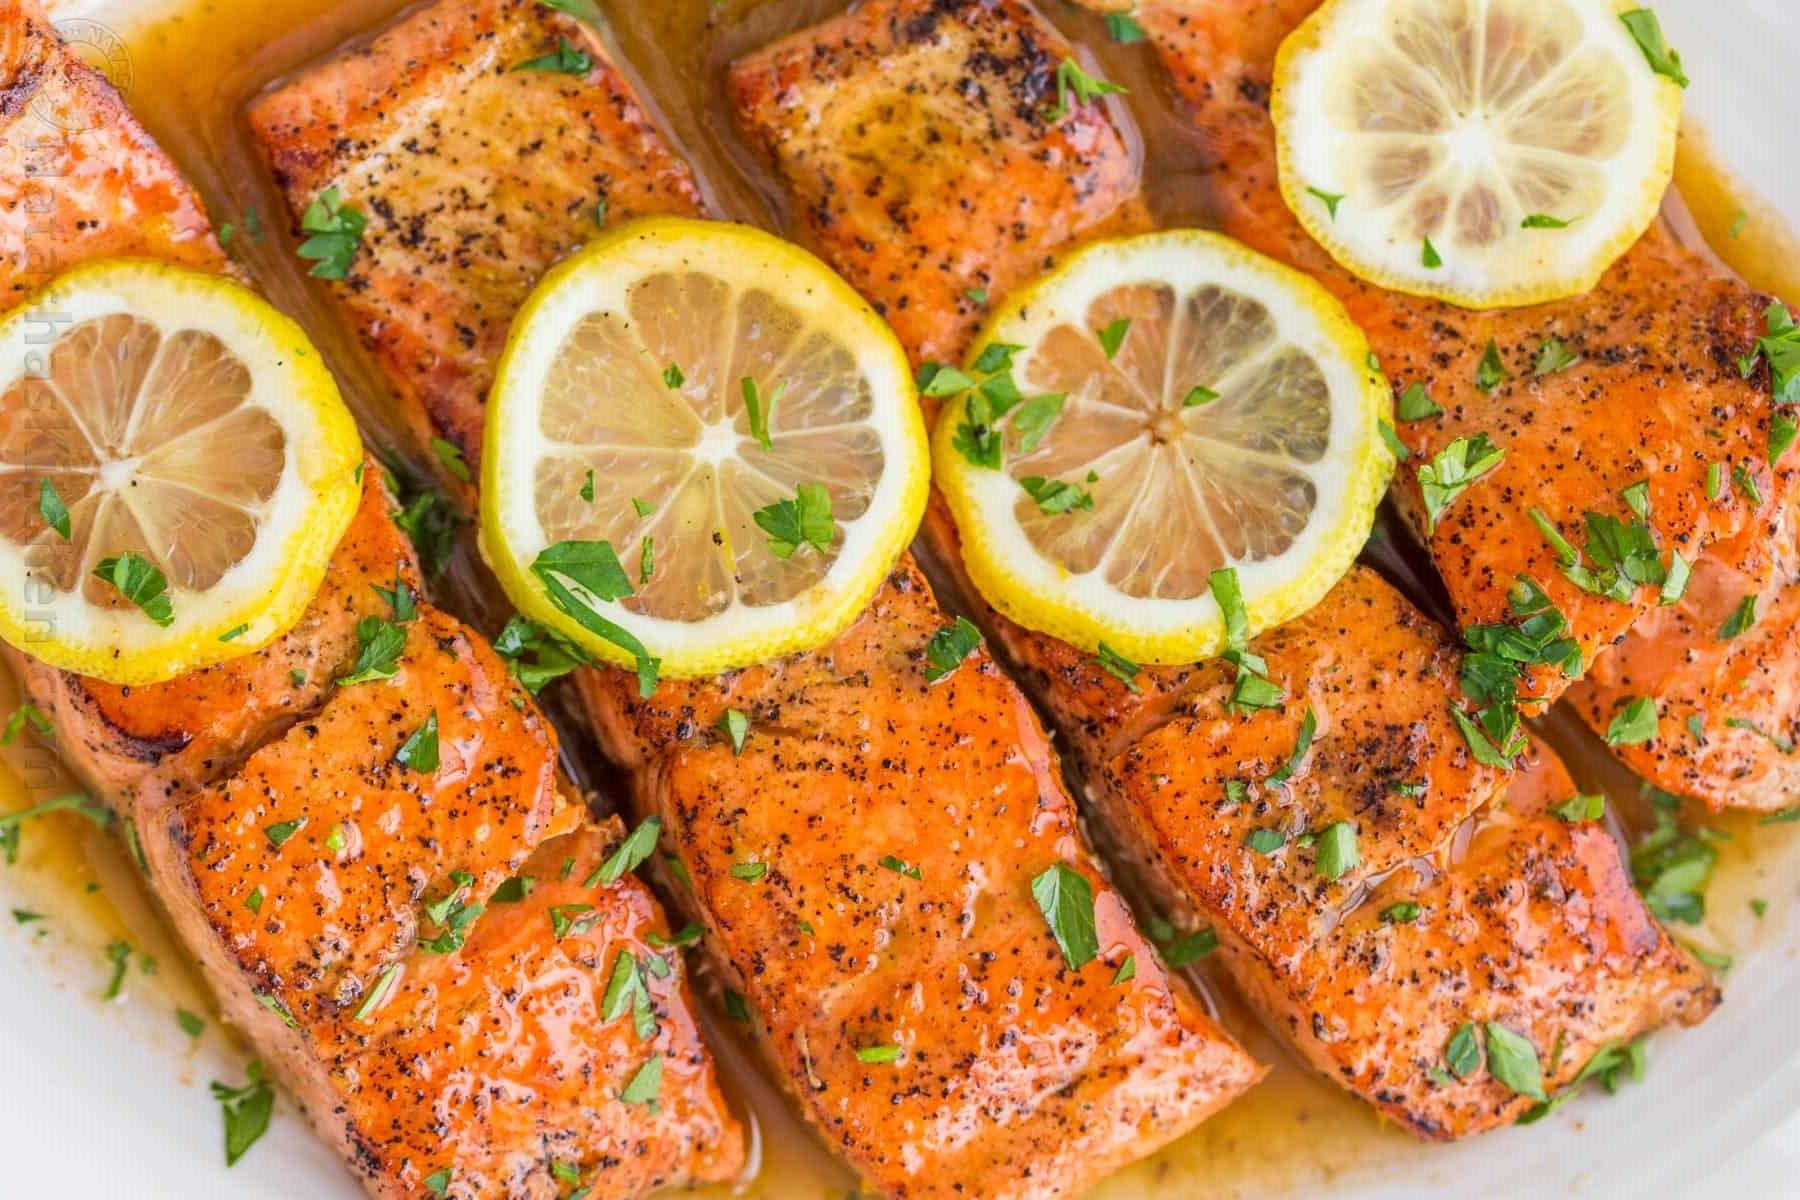 13 loại thực phẩm hỗ trợ làm sạch da, chữa lành mụn trứng cá  - Ảnh 11